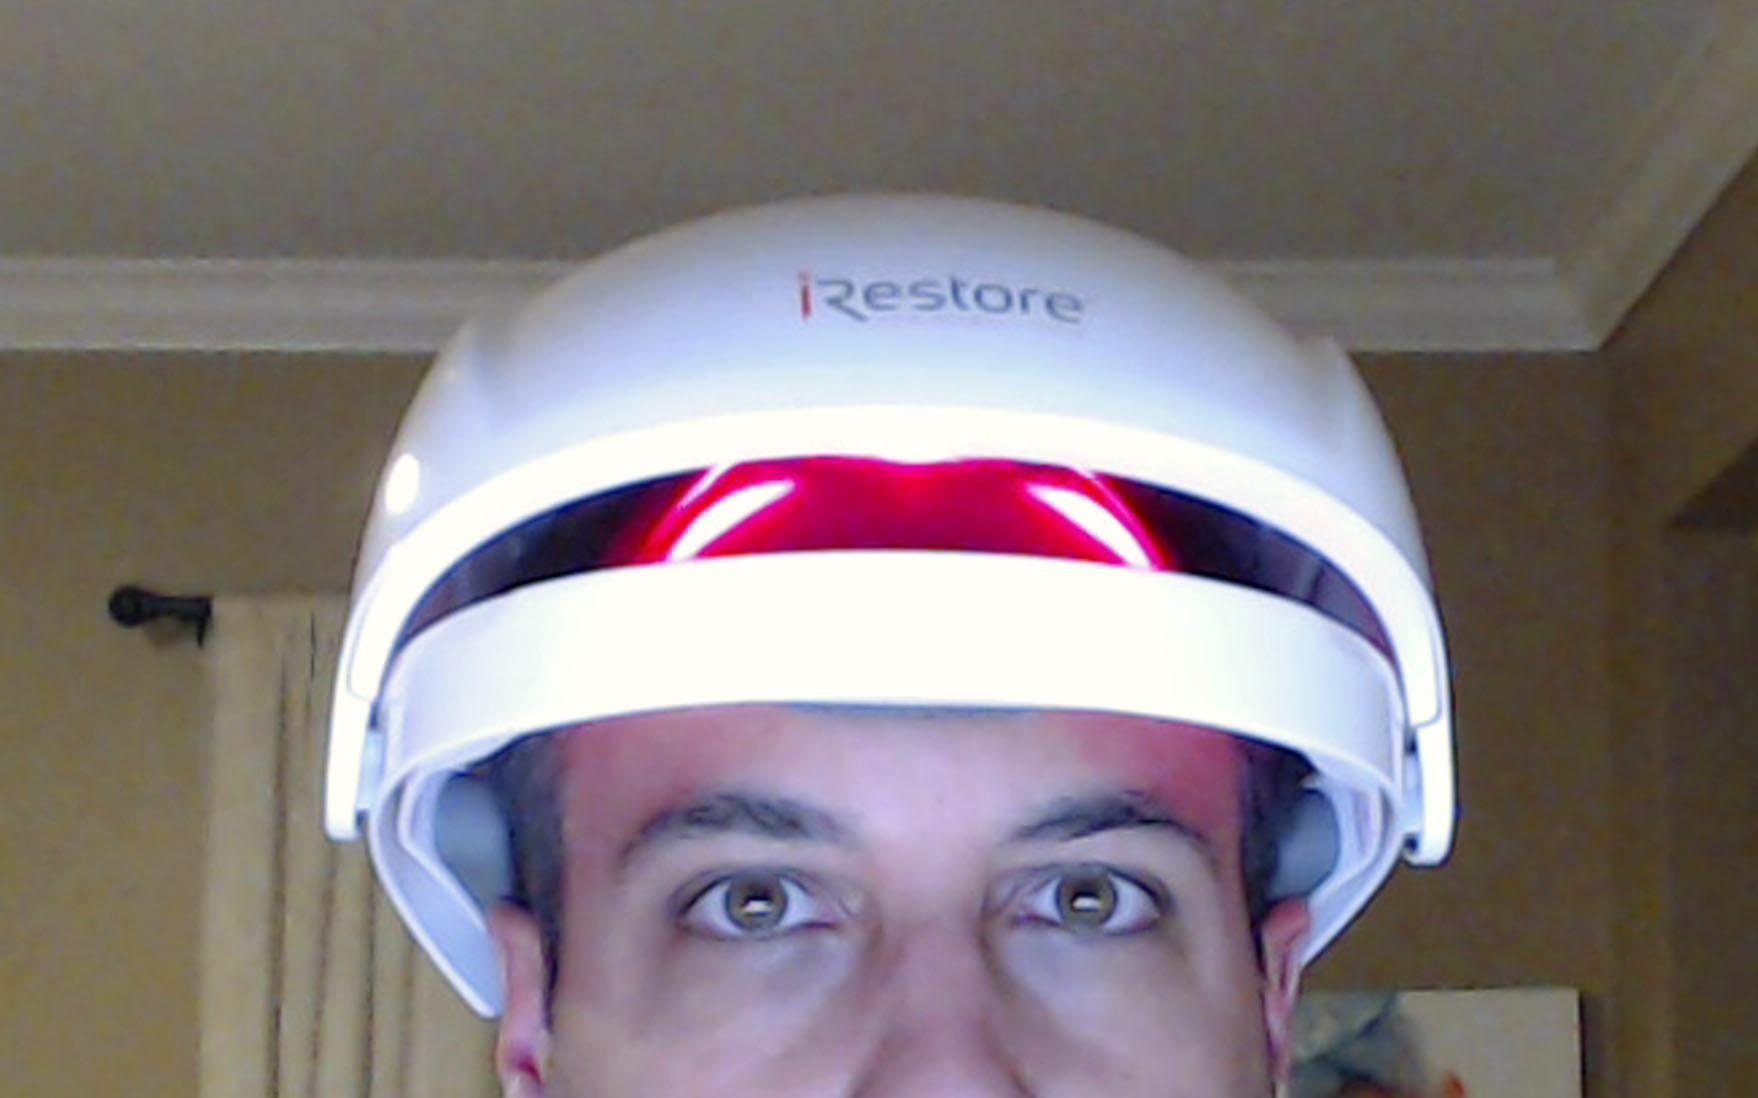 Lasering my head.